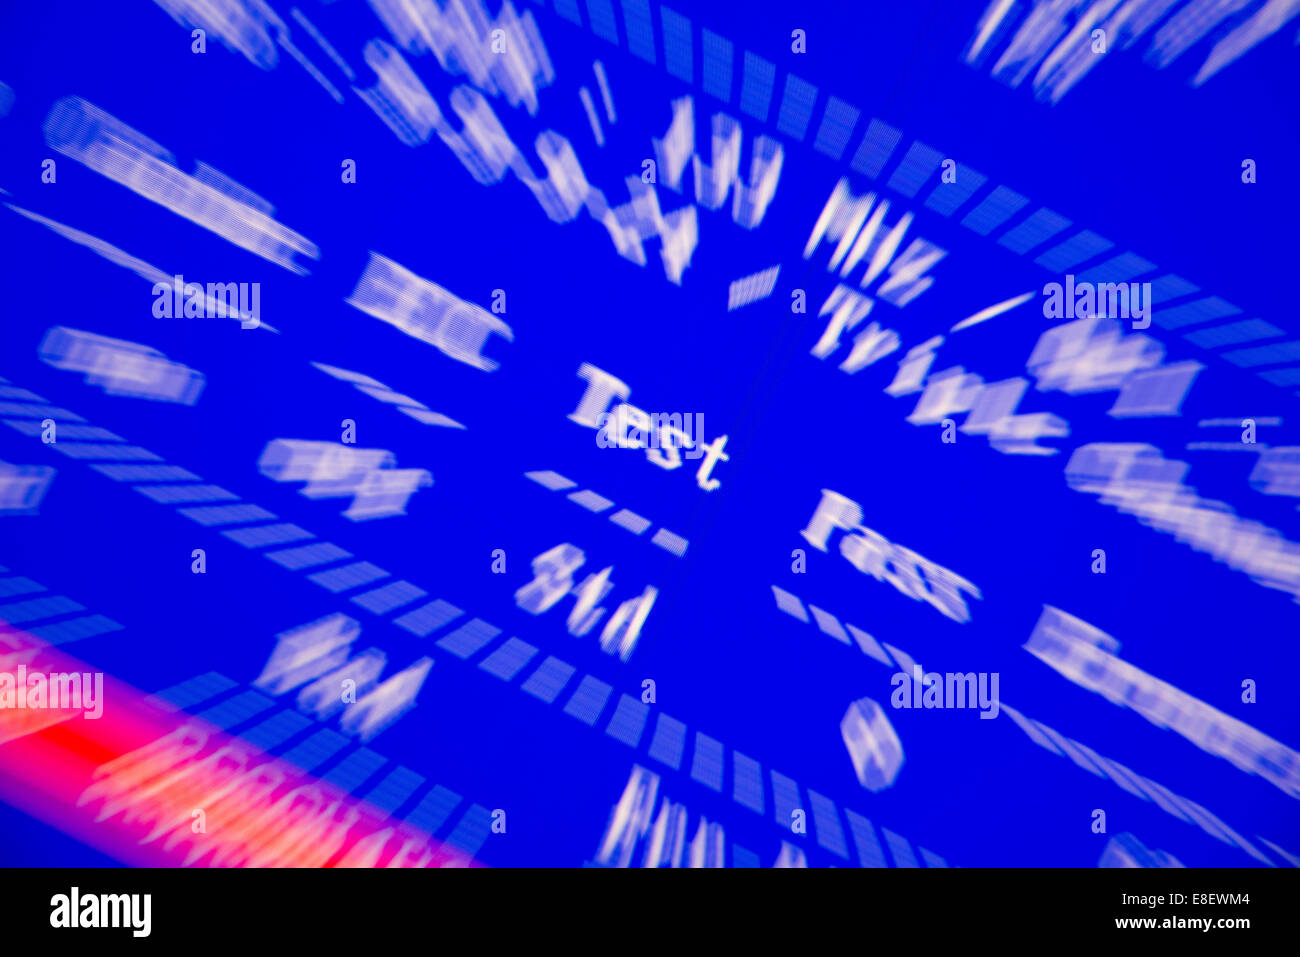 Fehlermeldung auf einem blauen Bildschirm-Test Stockbild